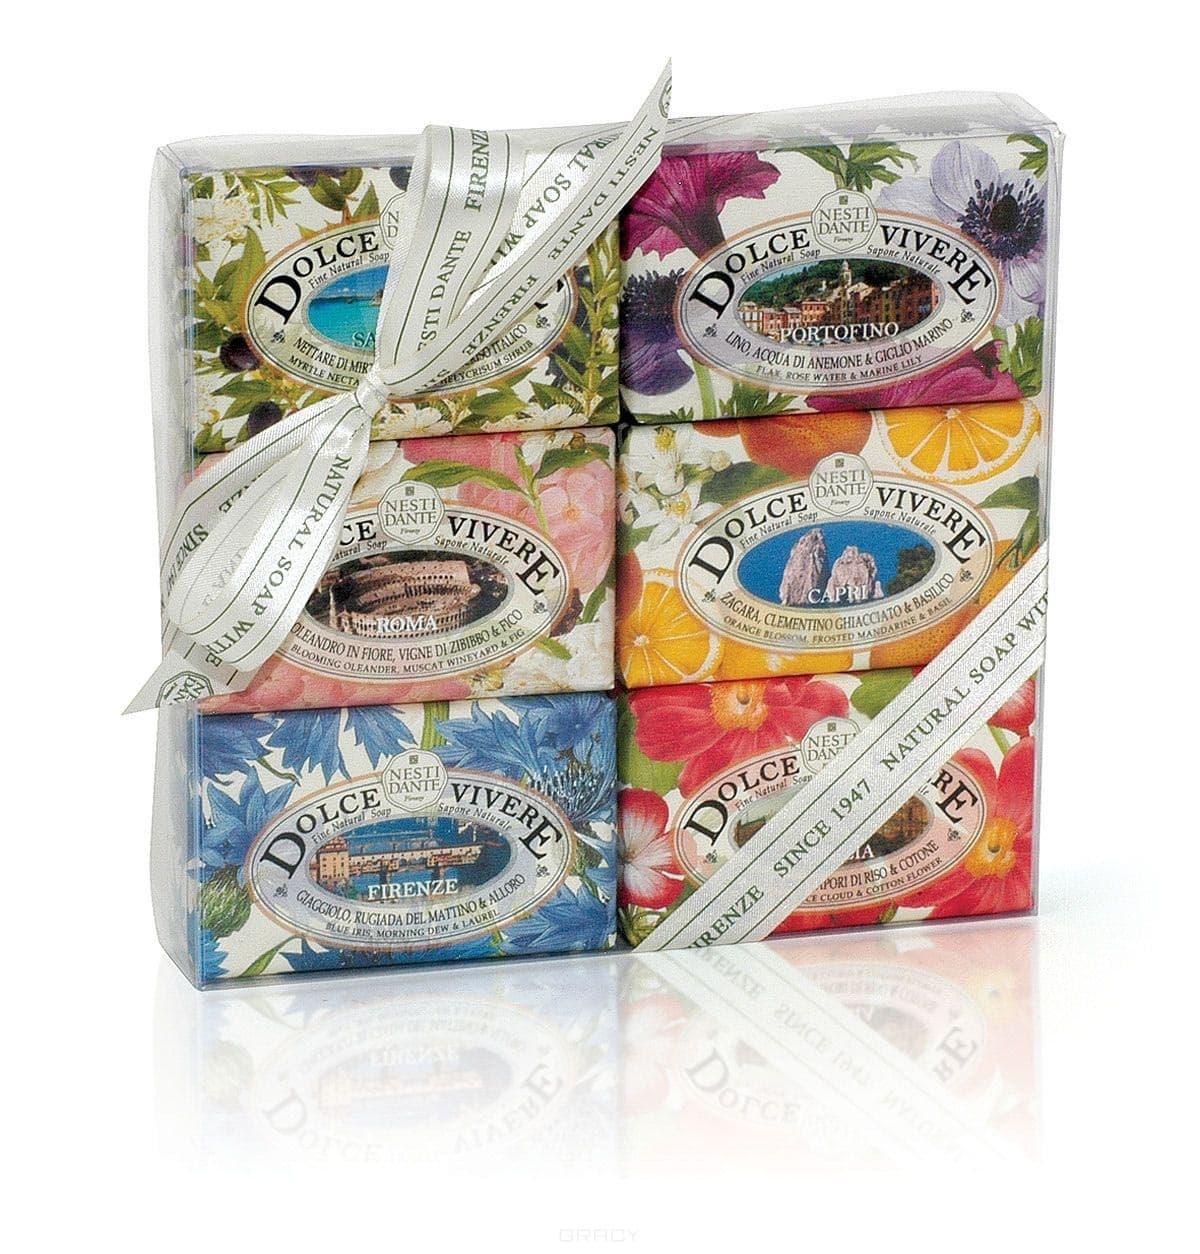 Nesti Dante Набор мыла Сладкая жизнь, 6 х 150 гр луч набор для изготовление мыла цветы